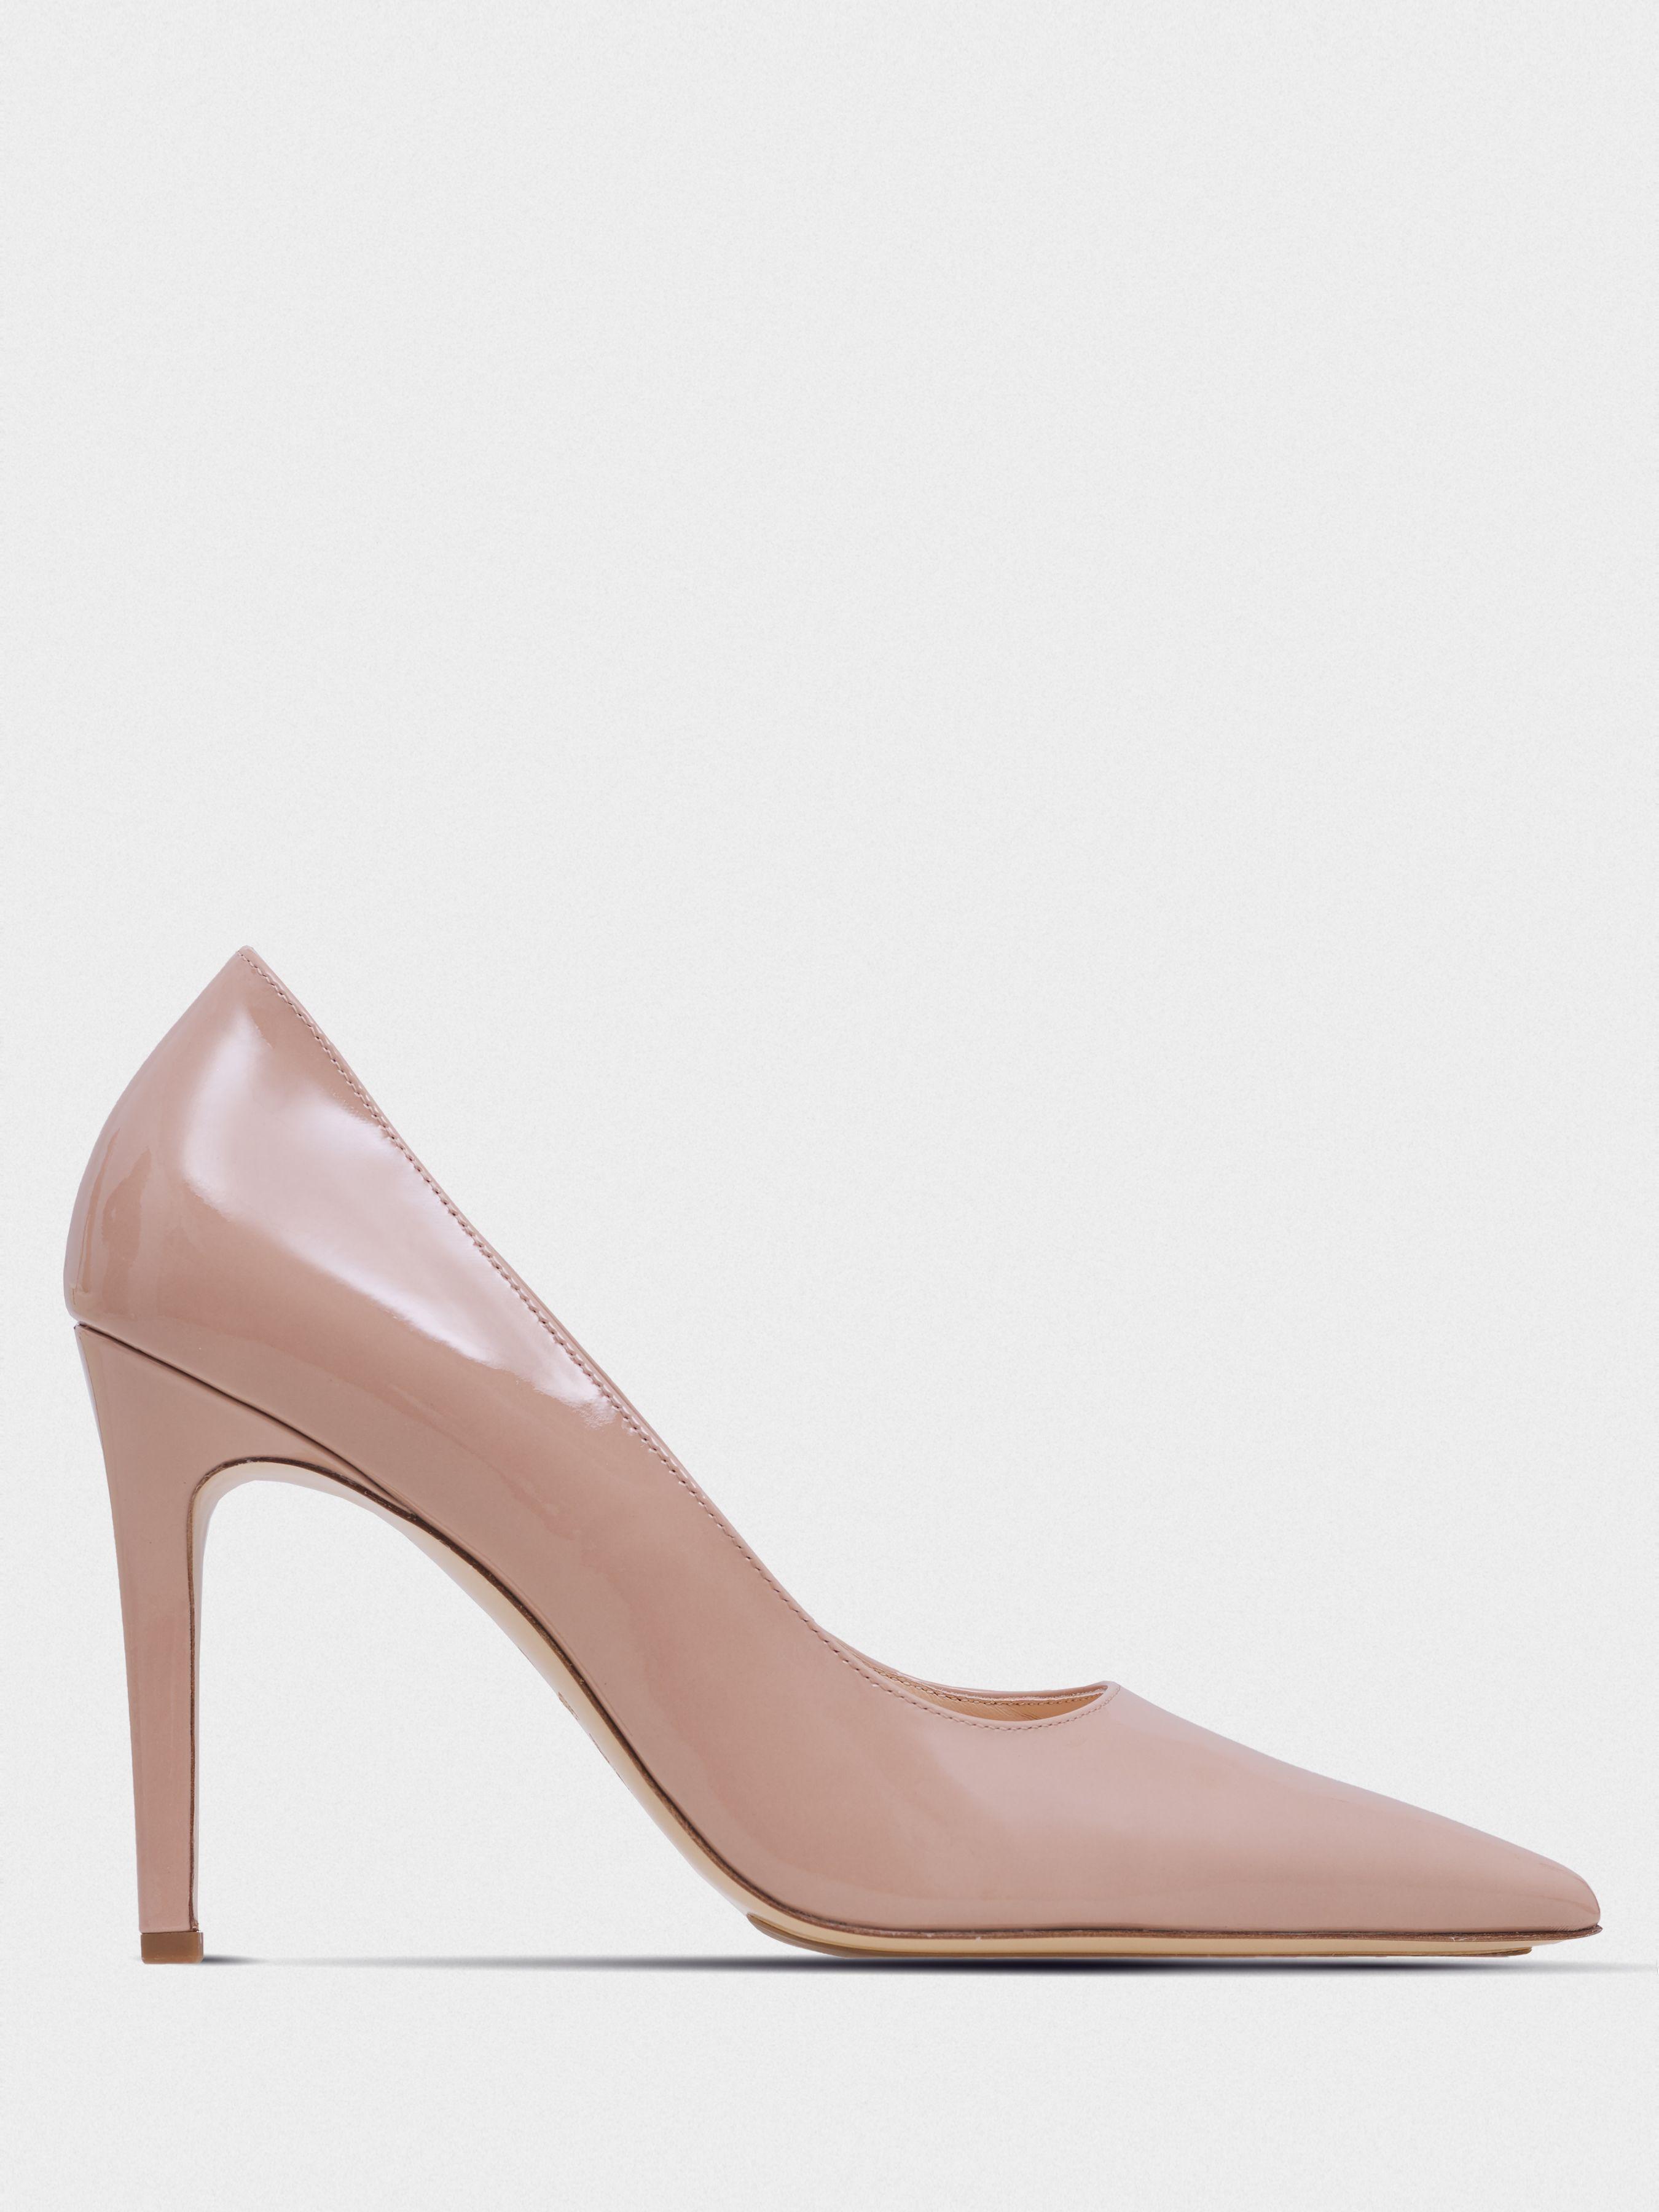 Купить Туфли женские Hogl BOULEVARD 60 YN4033, Бежевый